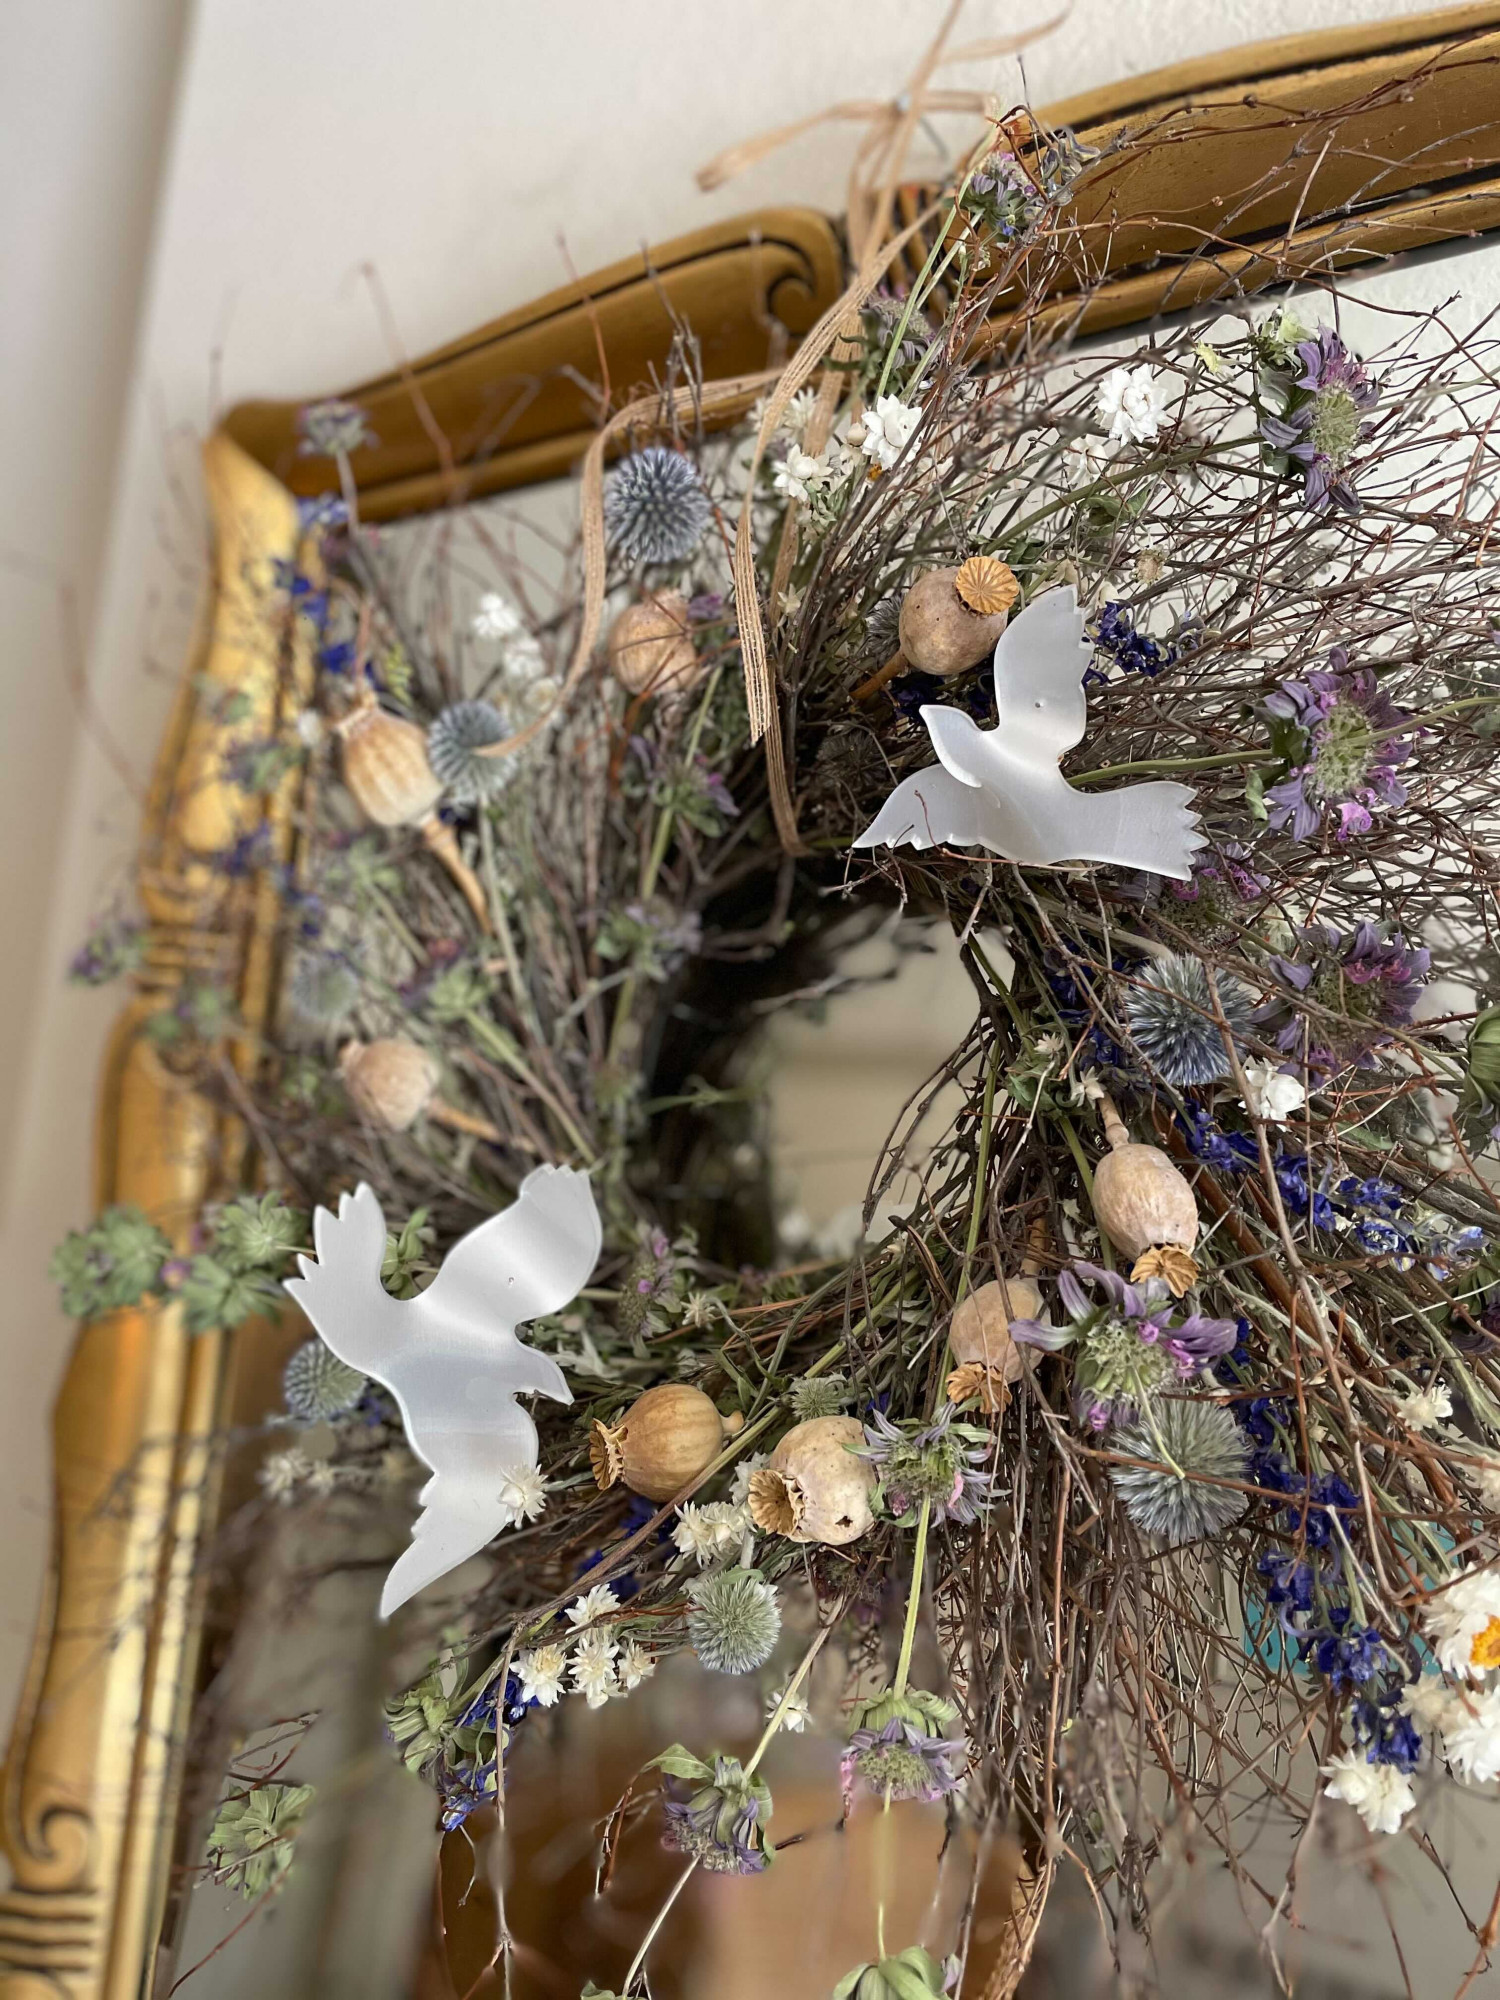 acrylic dove